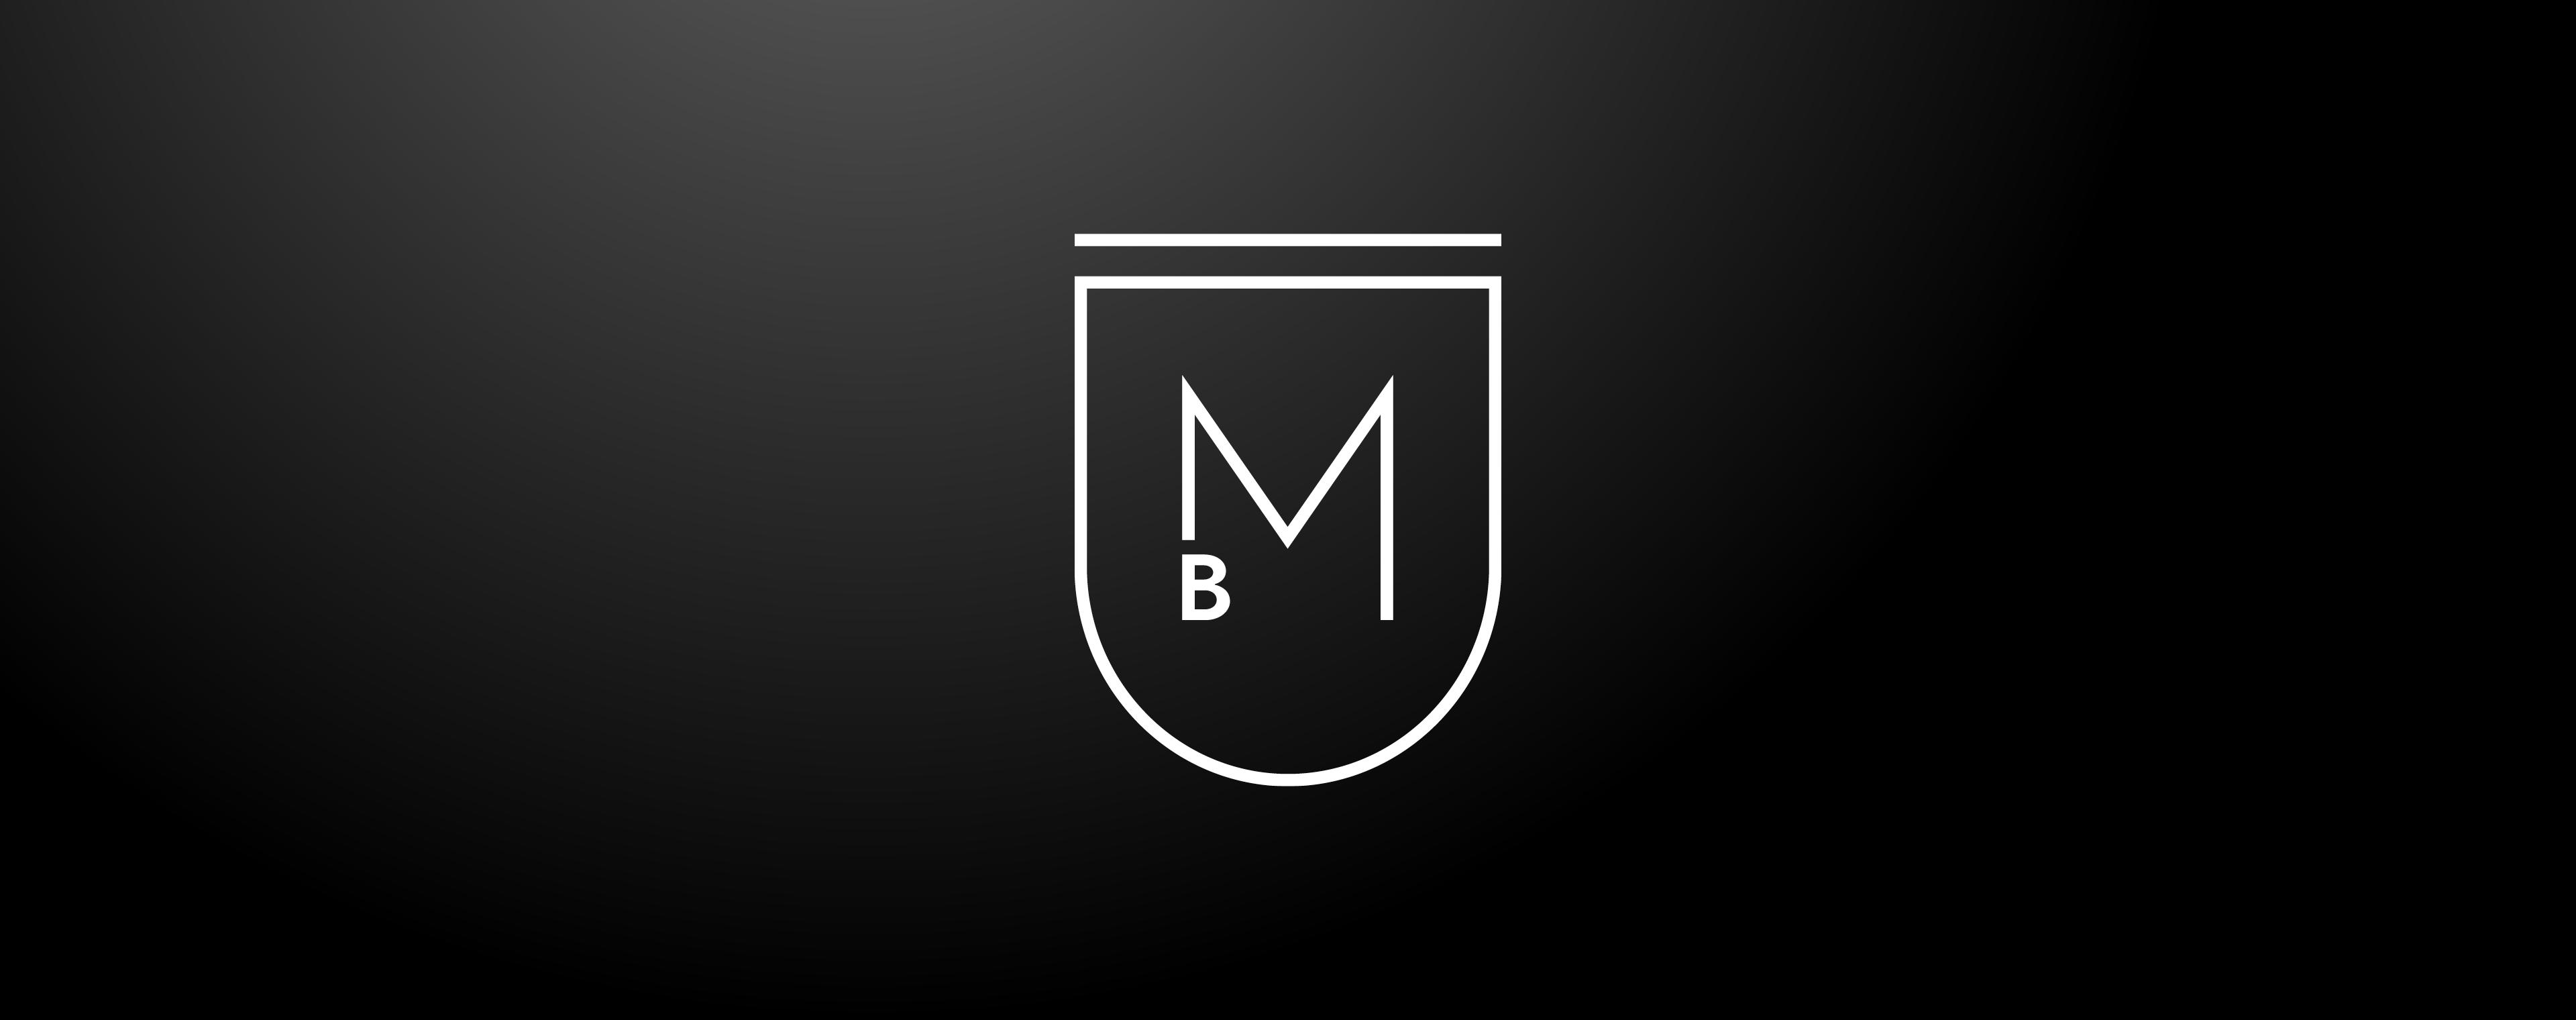 Design eines modernen Wappens für Cateringkunst Bernhard Munding